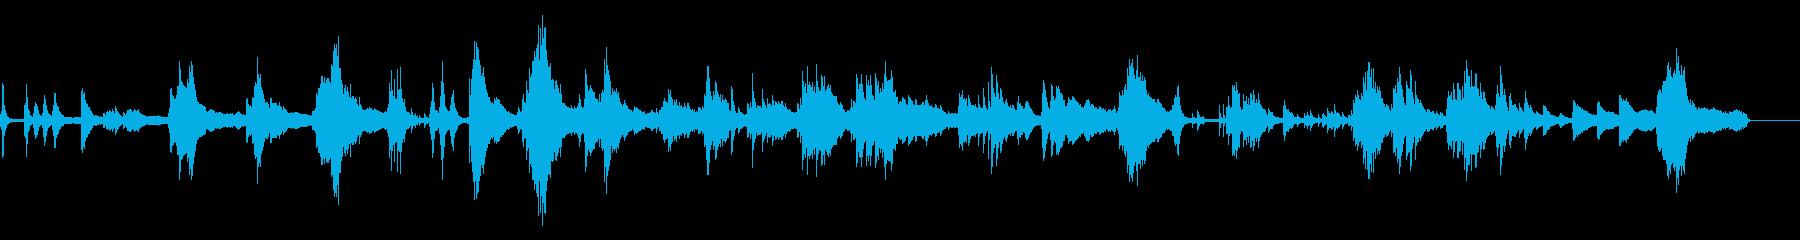 浮遊感のあるピアノソロの再生済みの波形